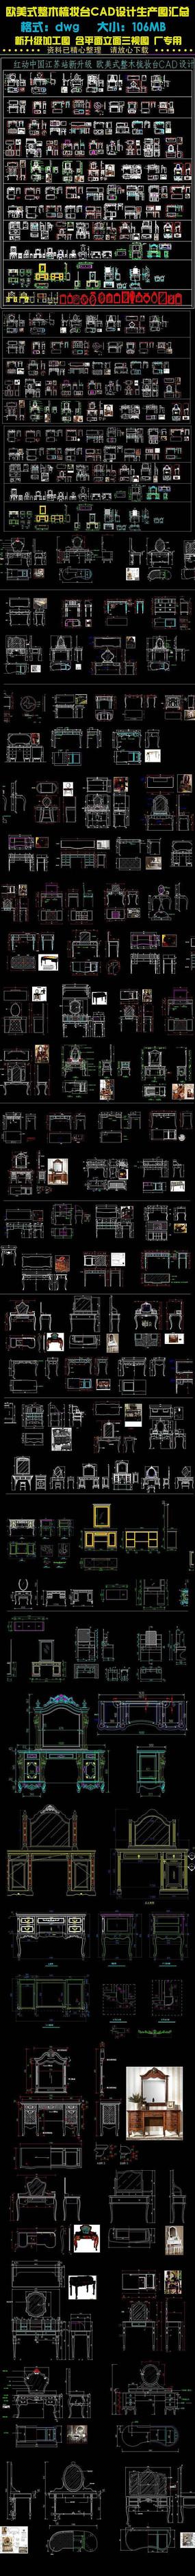 欧美整木梳妆台CAD生产图